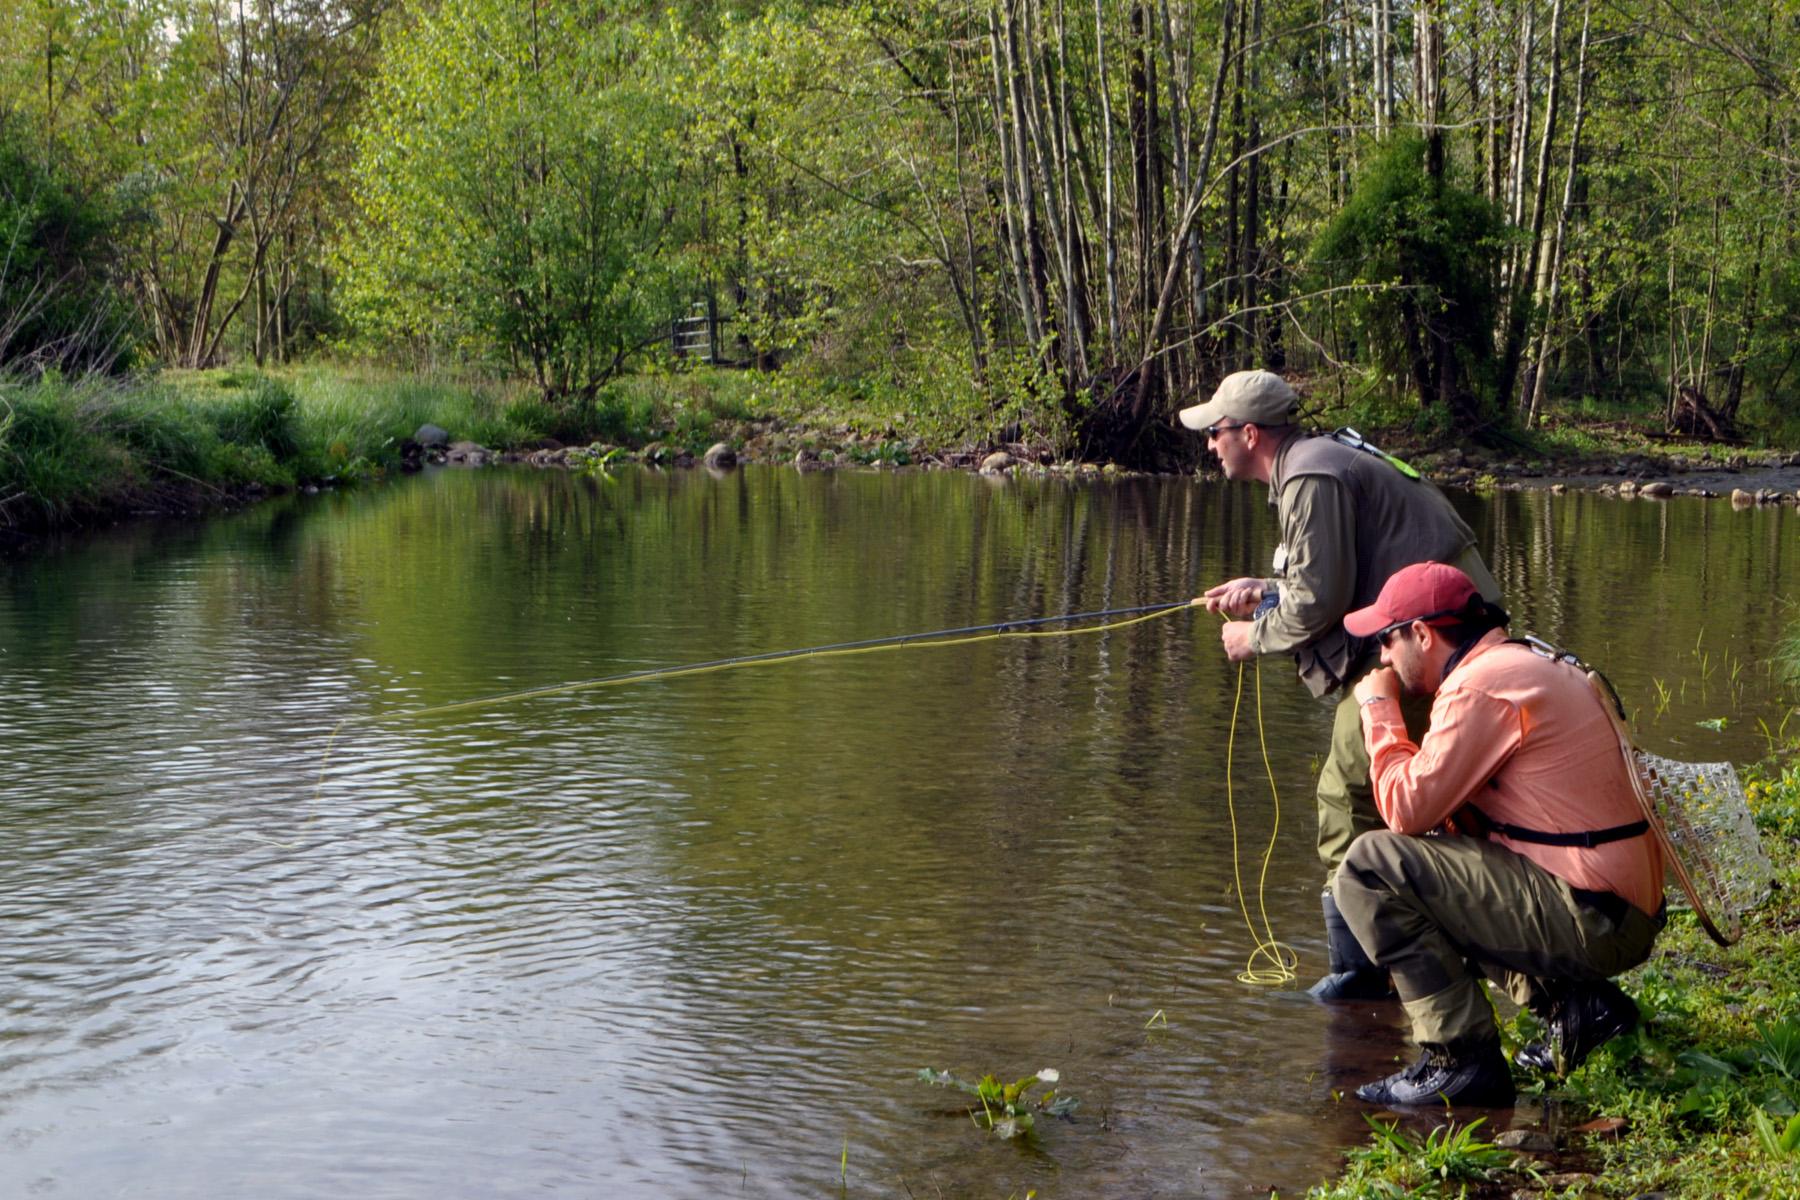 buien guía de pesca, obligaciones guía de pesca, orvis, viaje de pesca, pesca a mosca, consejos pesca a mosca, cosas chulas de pesca